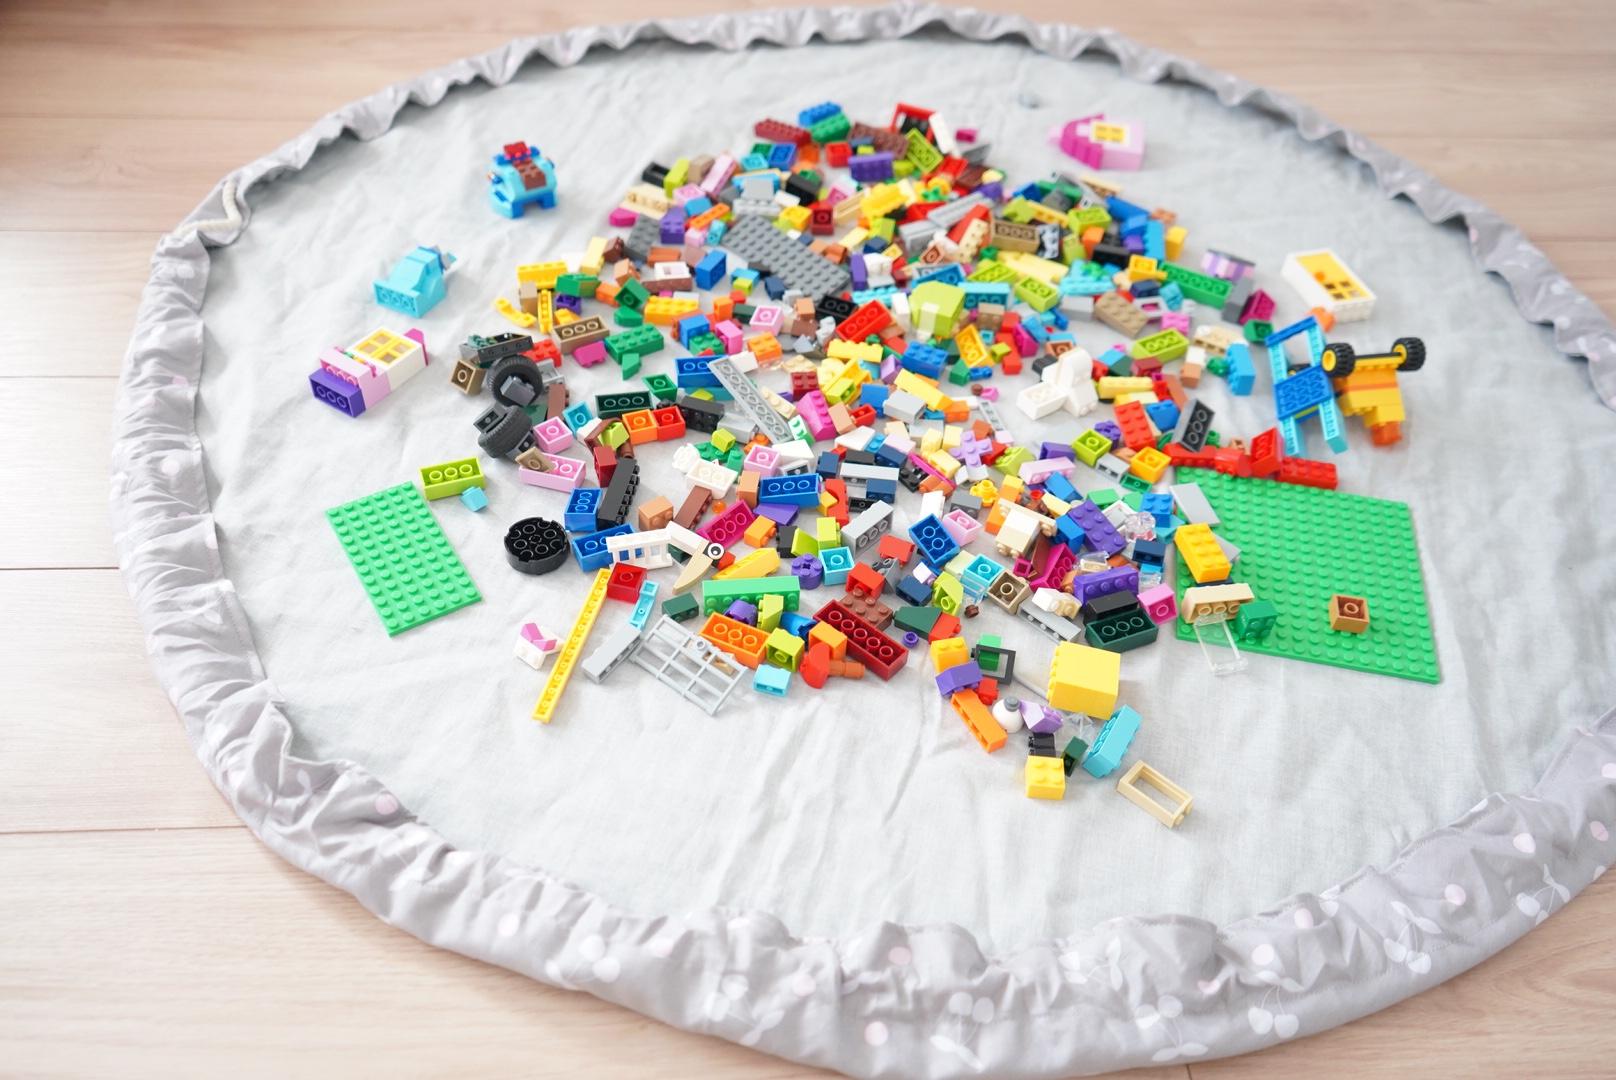 ハンドメイド初心者でも簡単に作れるレゴマットの作り方!小さな子供でもらくらくお片付け♪